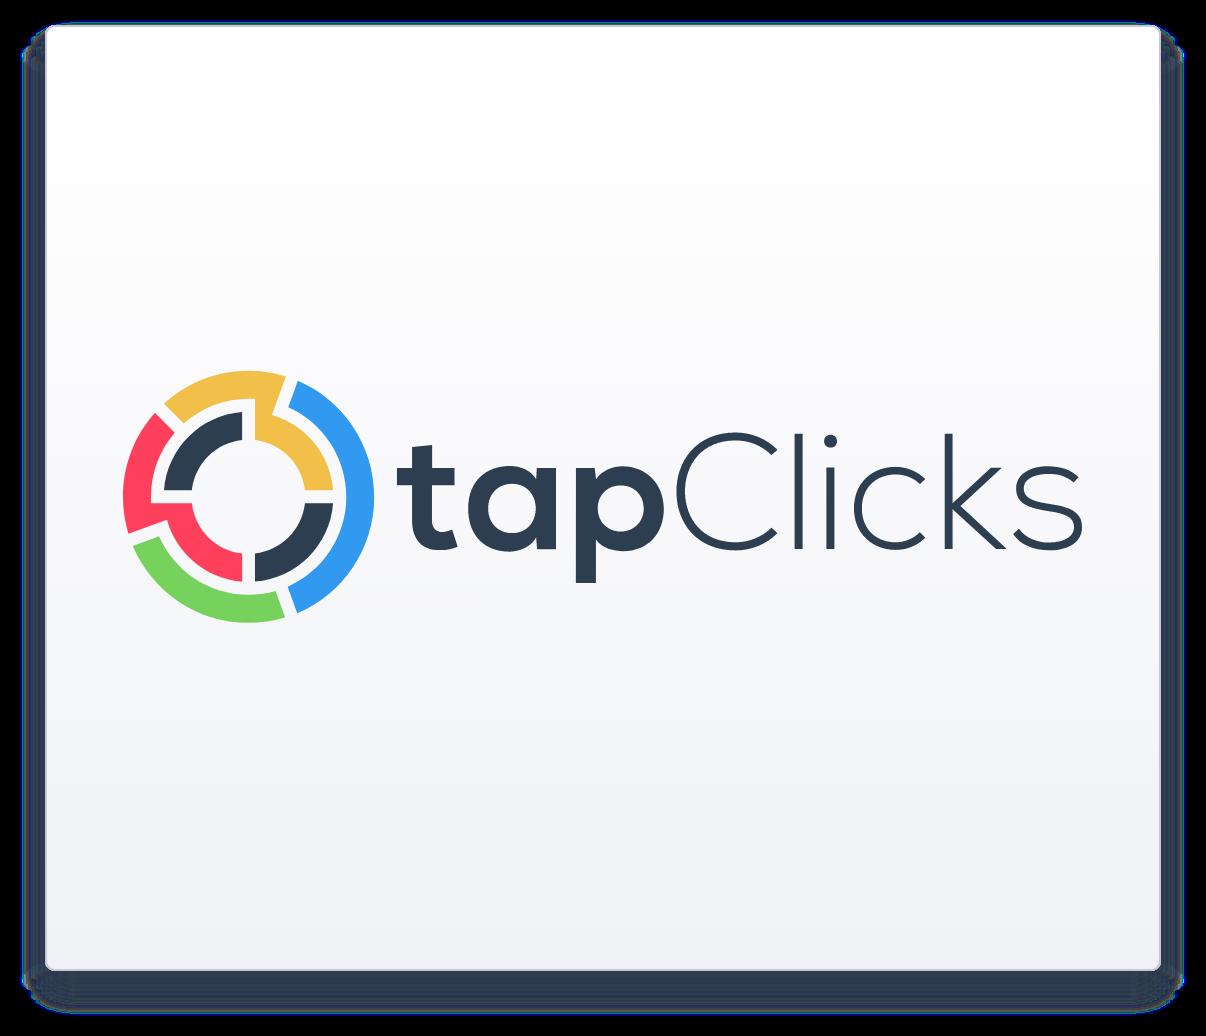 TapClicks_v2@2x